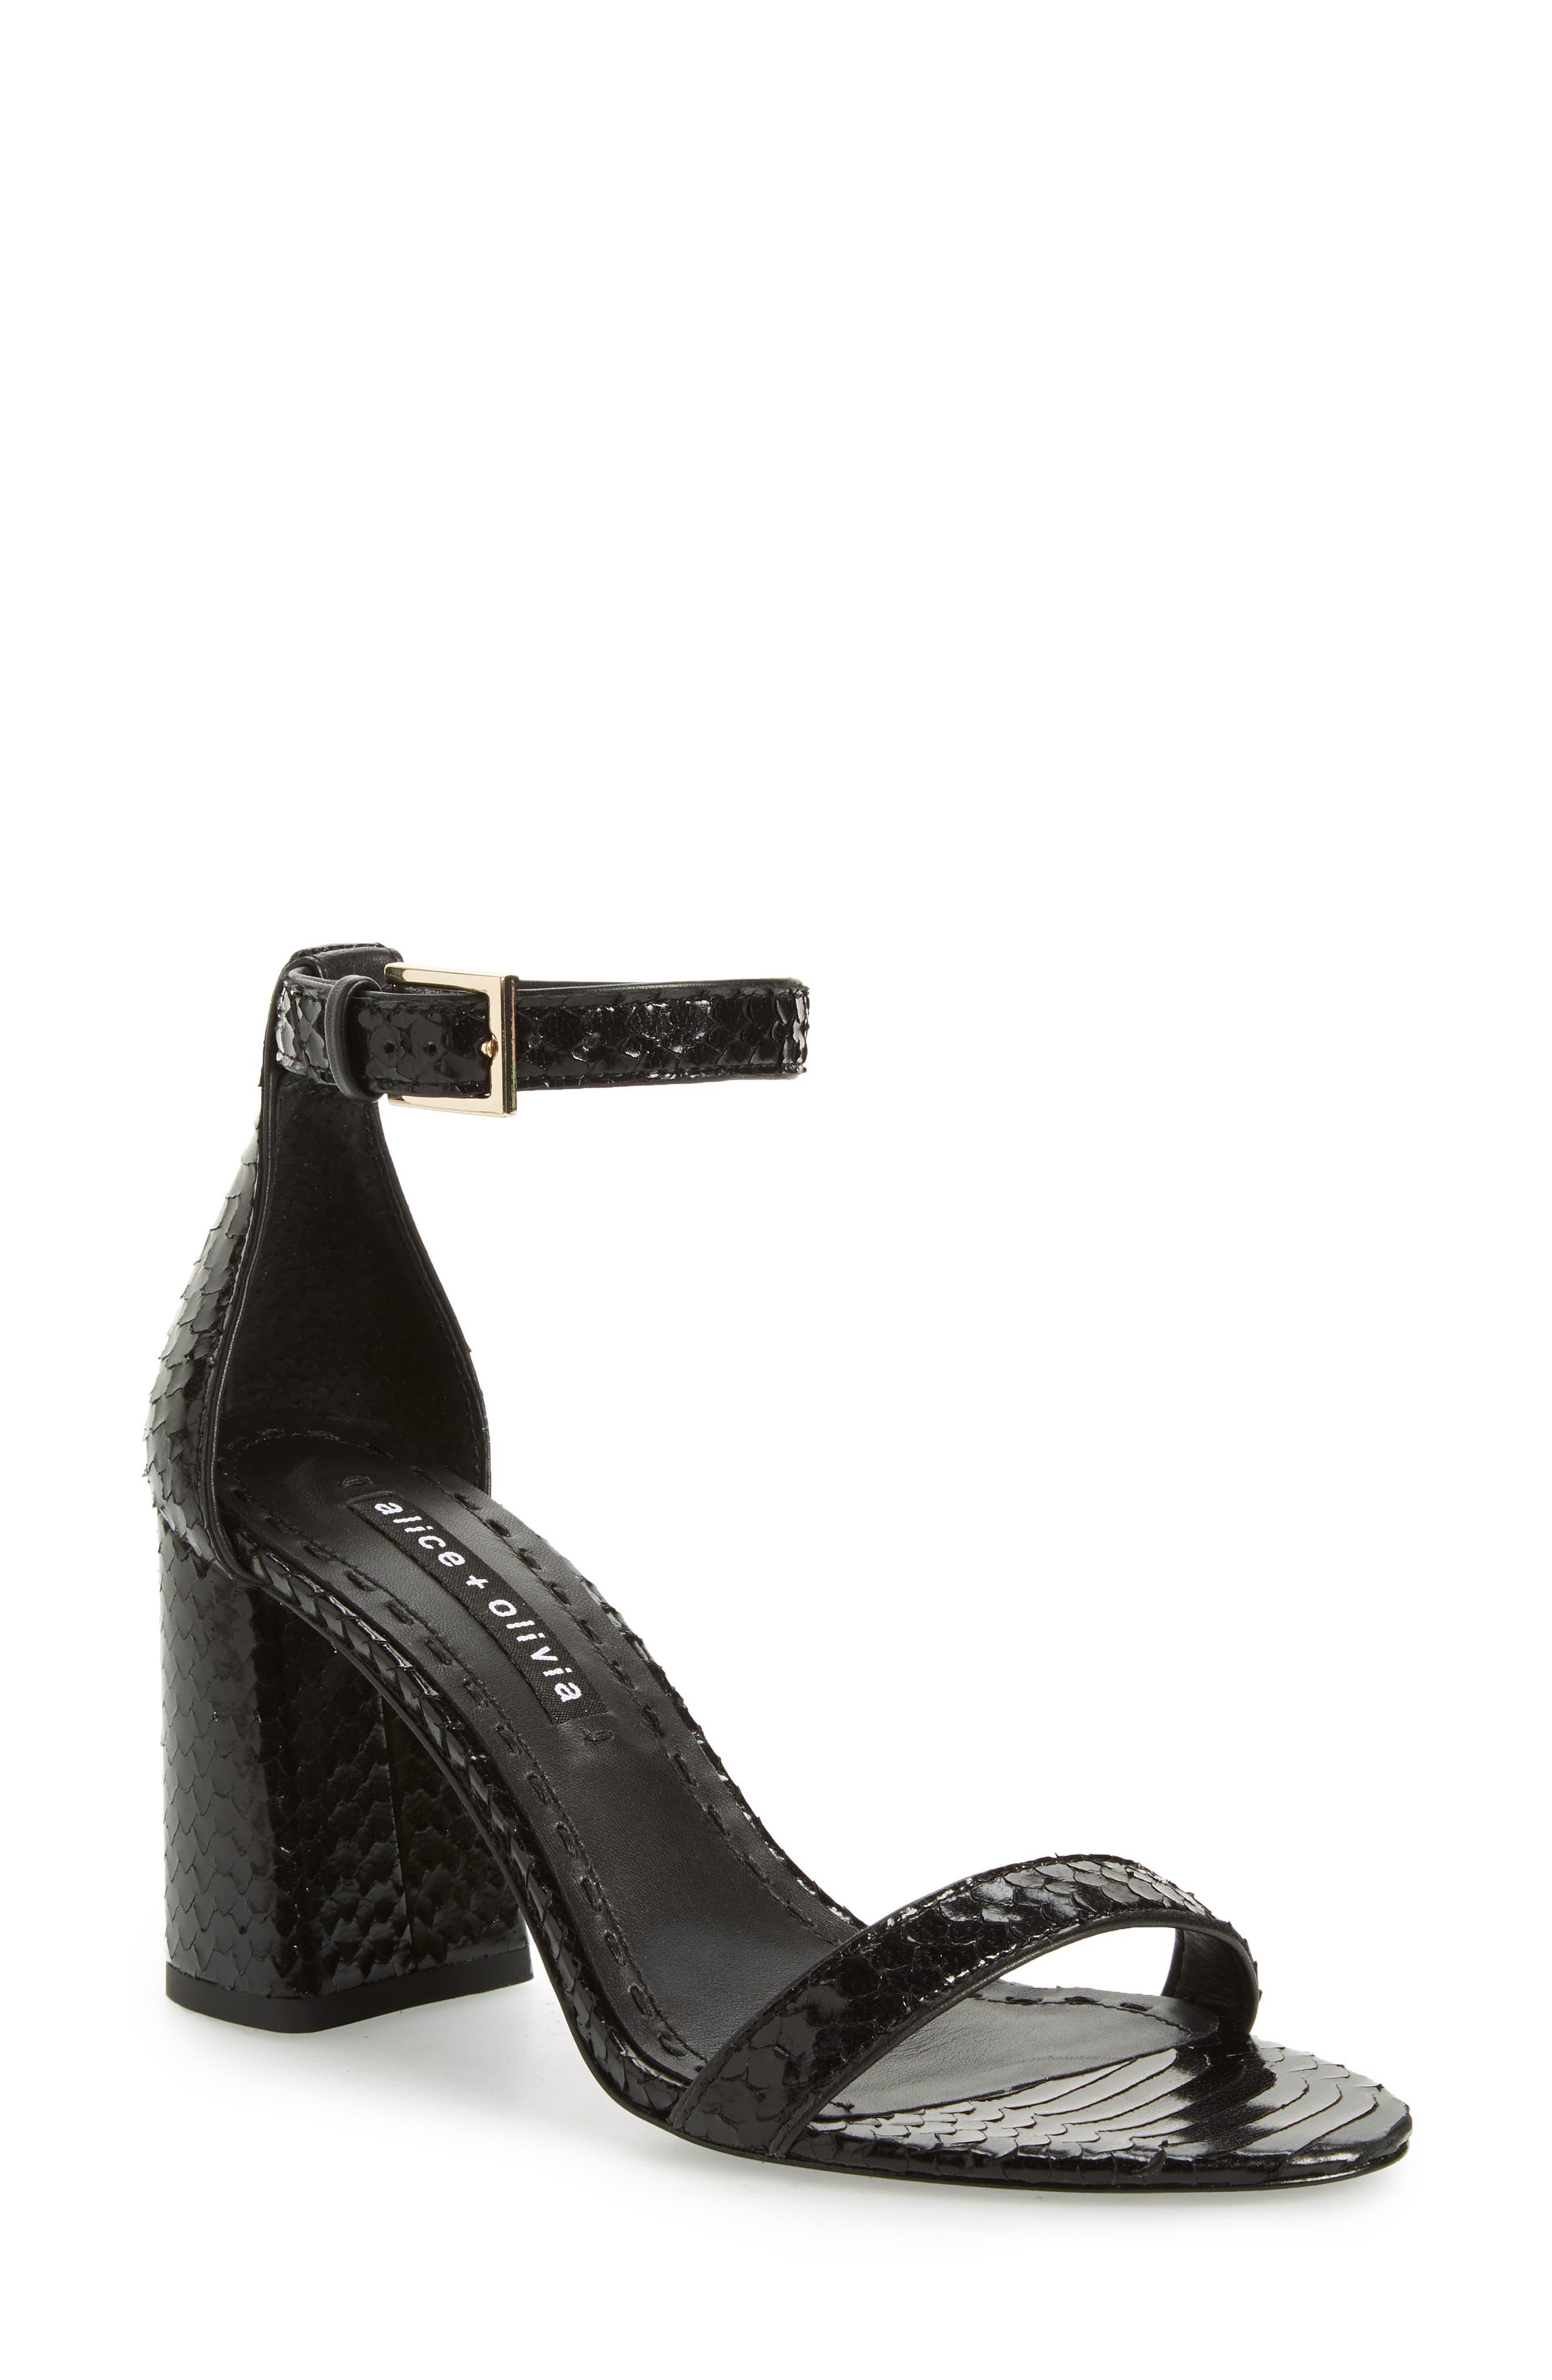 Lillian Ankle Strap Sandal,                             Main thumbnail 1, color,                             Black